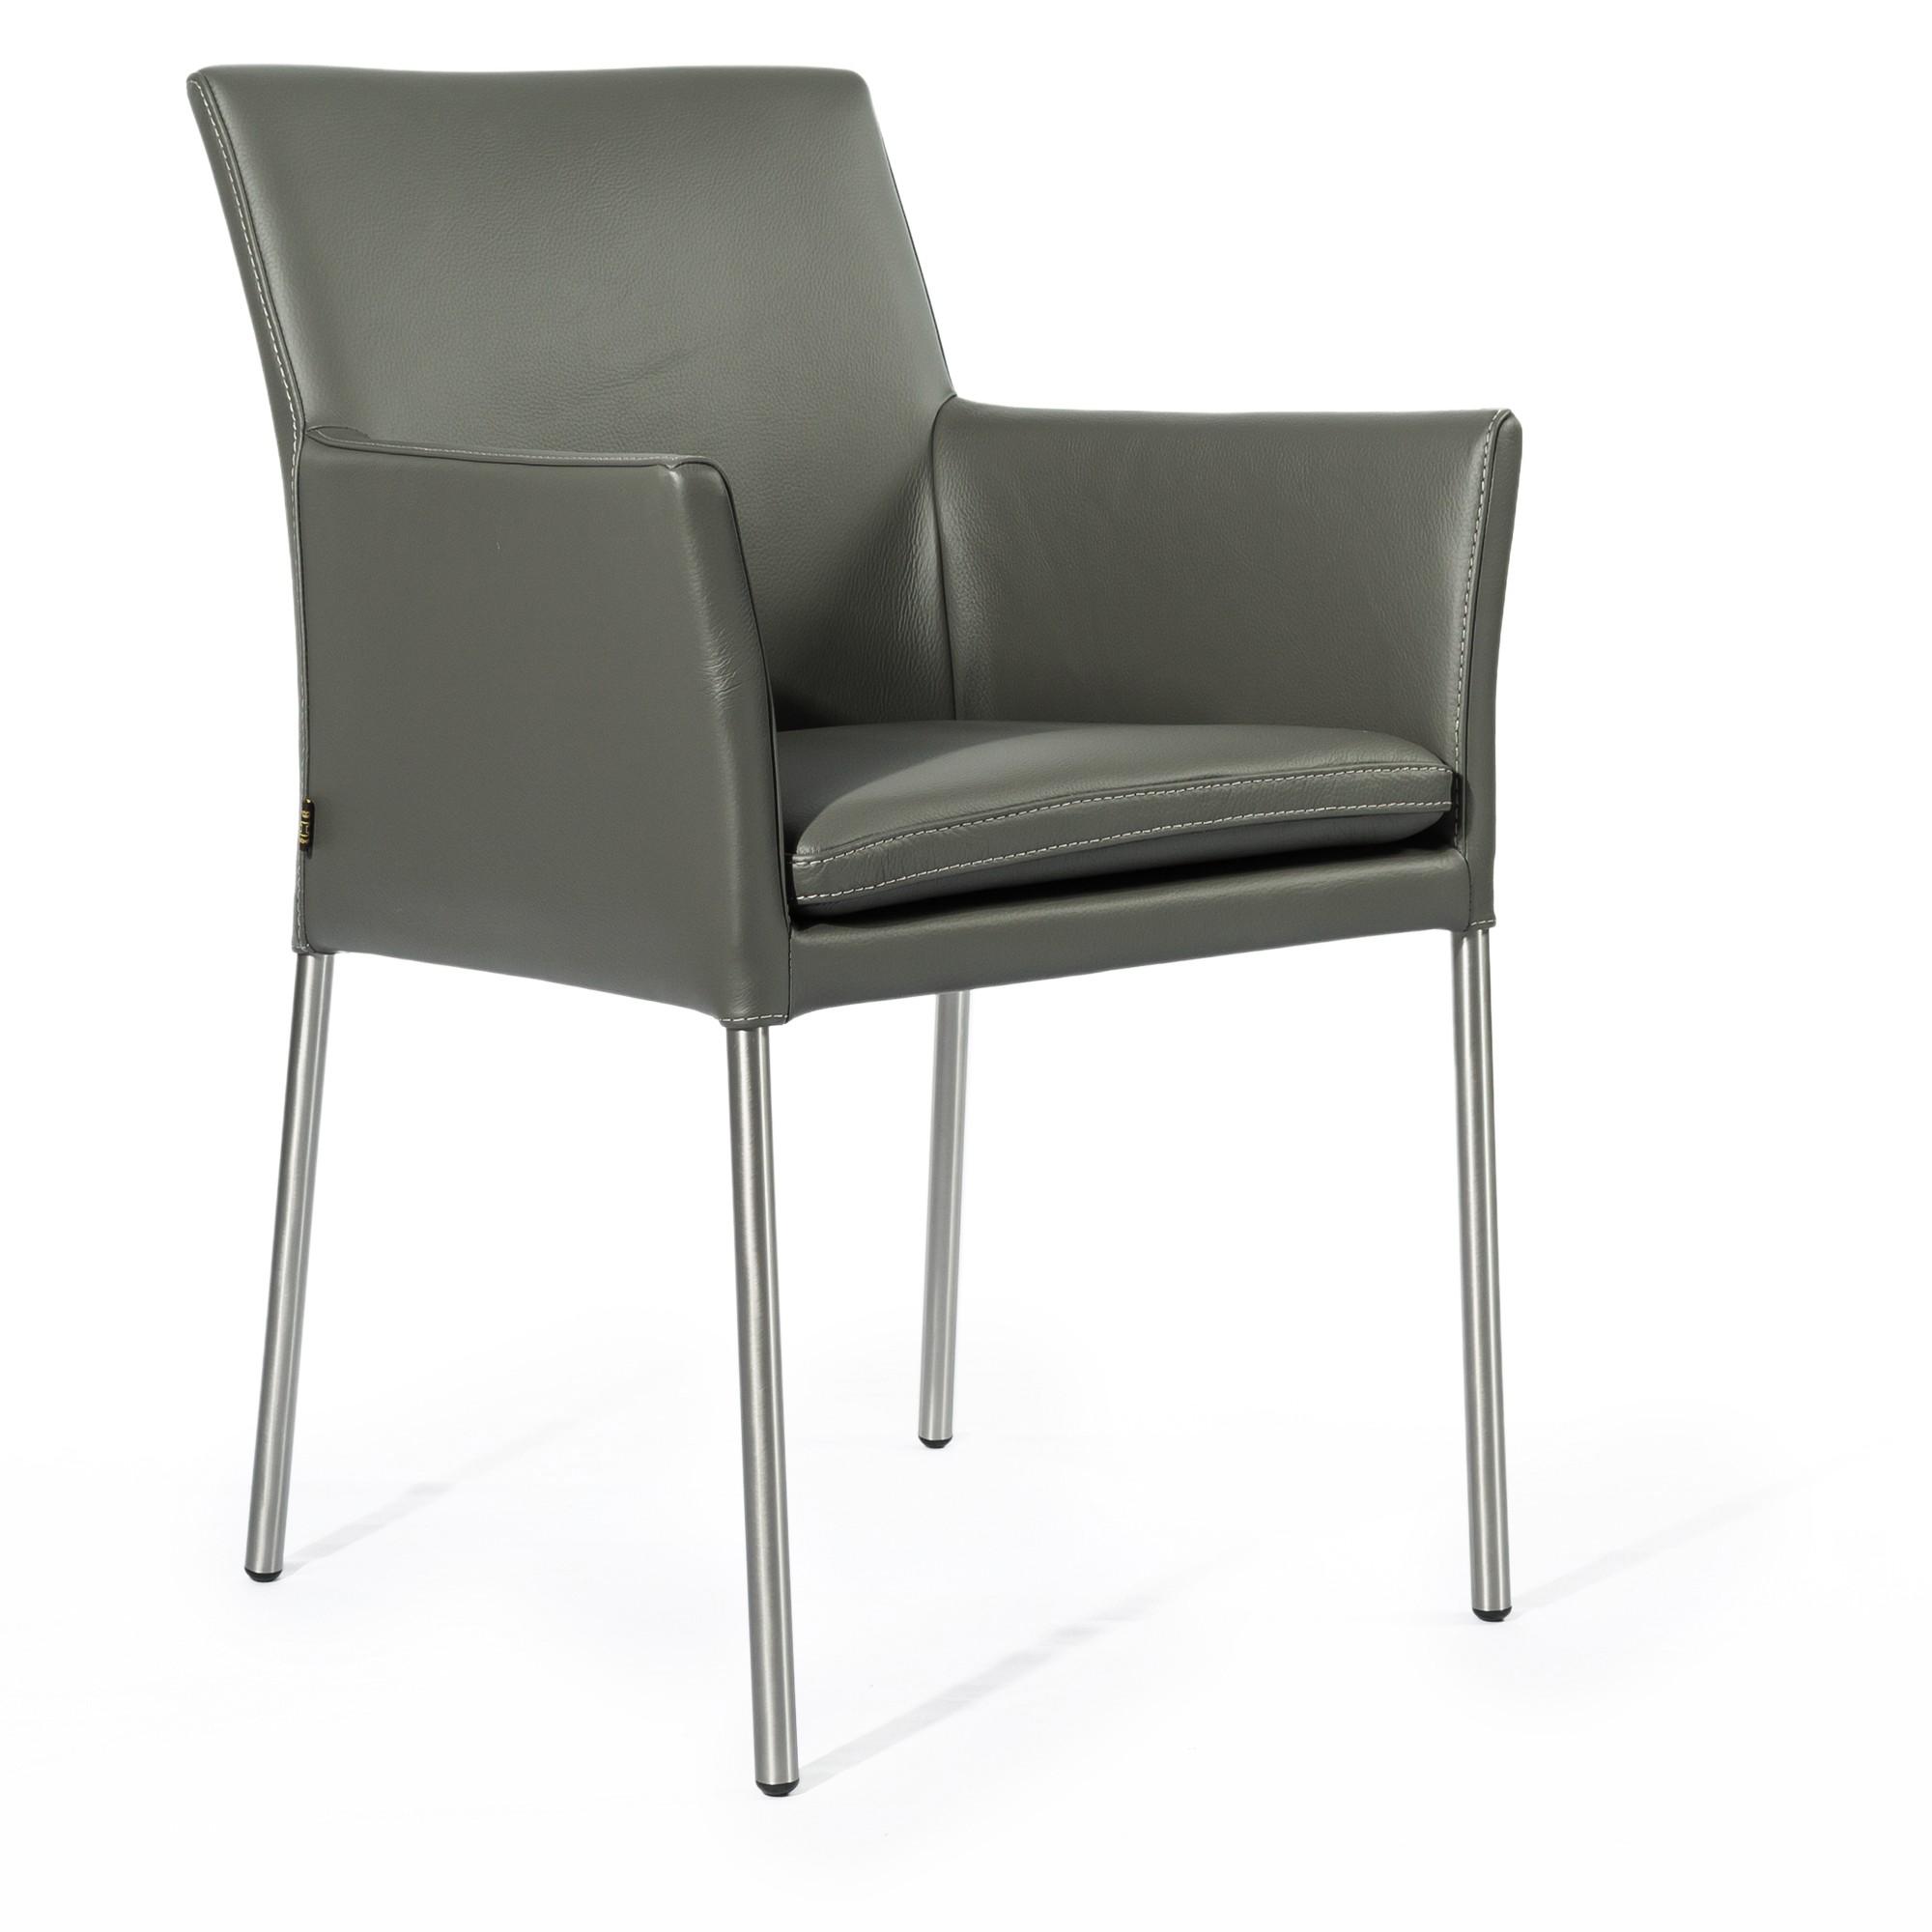 Armlehnstuhl grau bestseller shop f r m bel und for Armlehnstuhl grau stoff